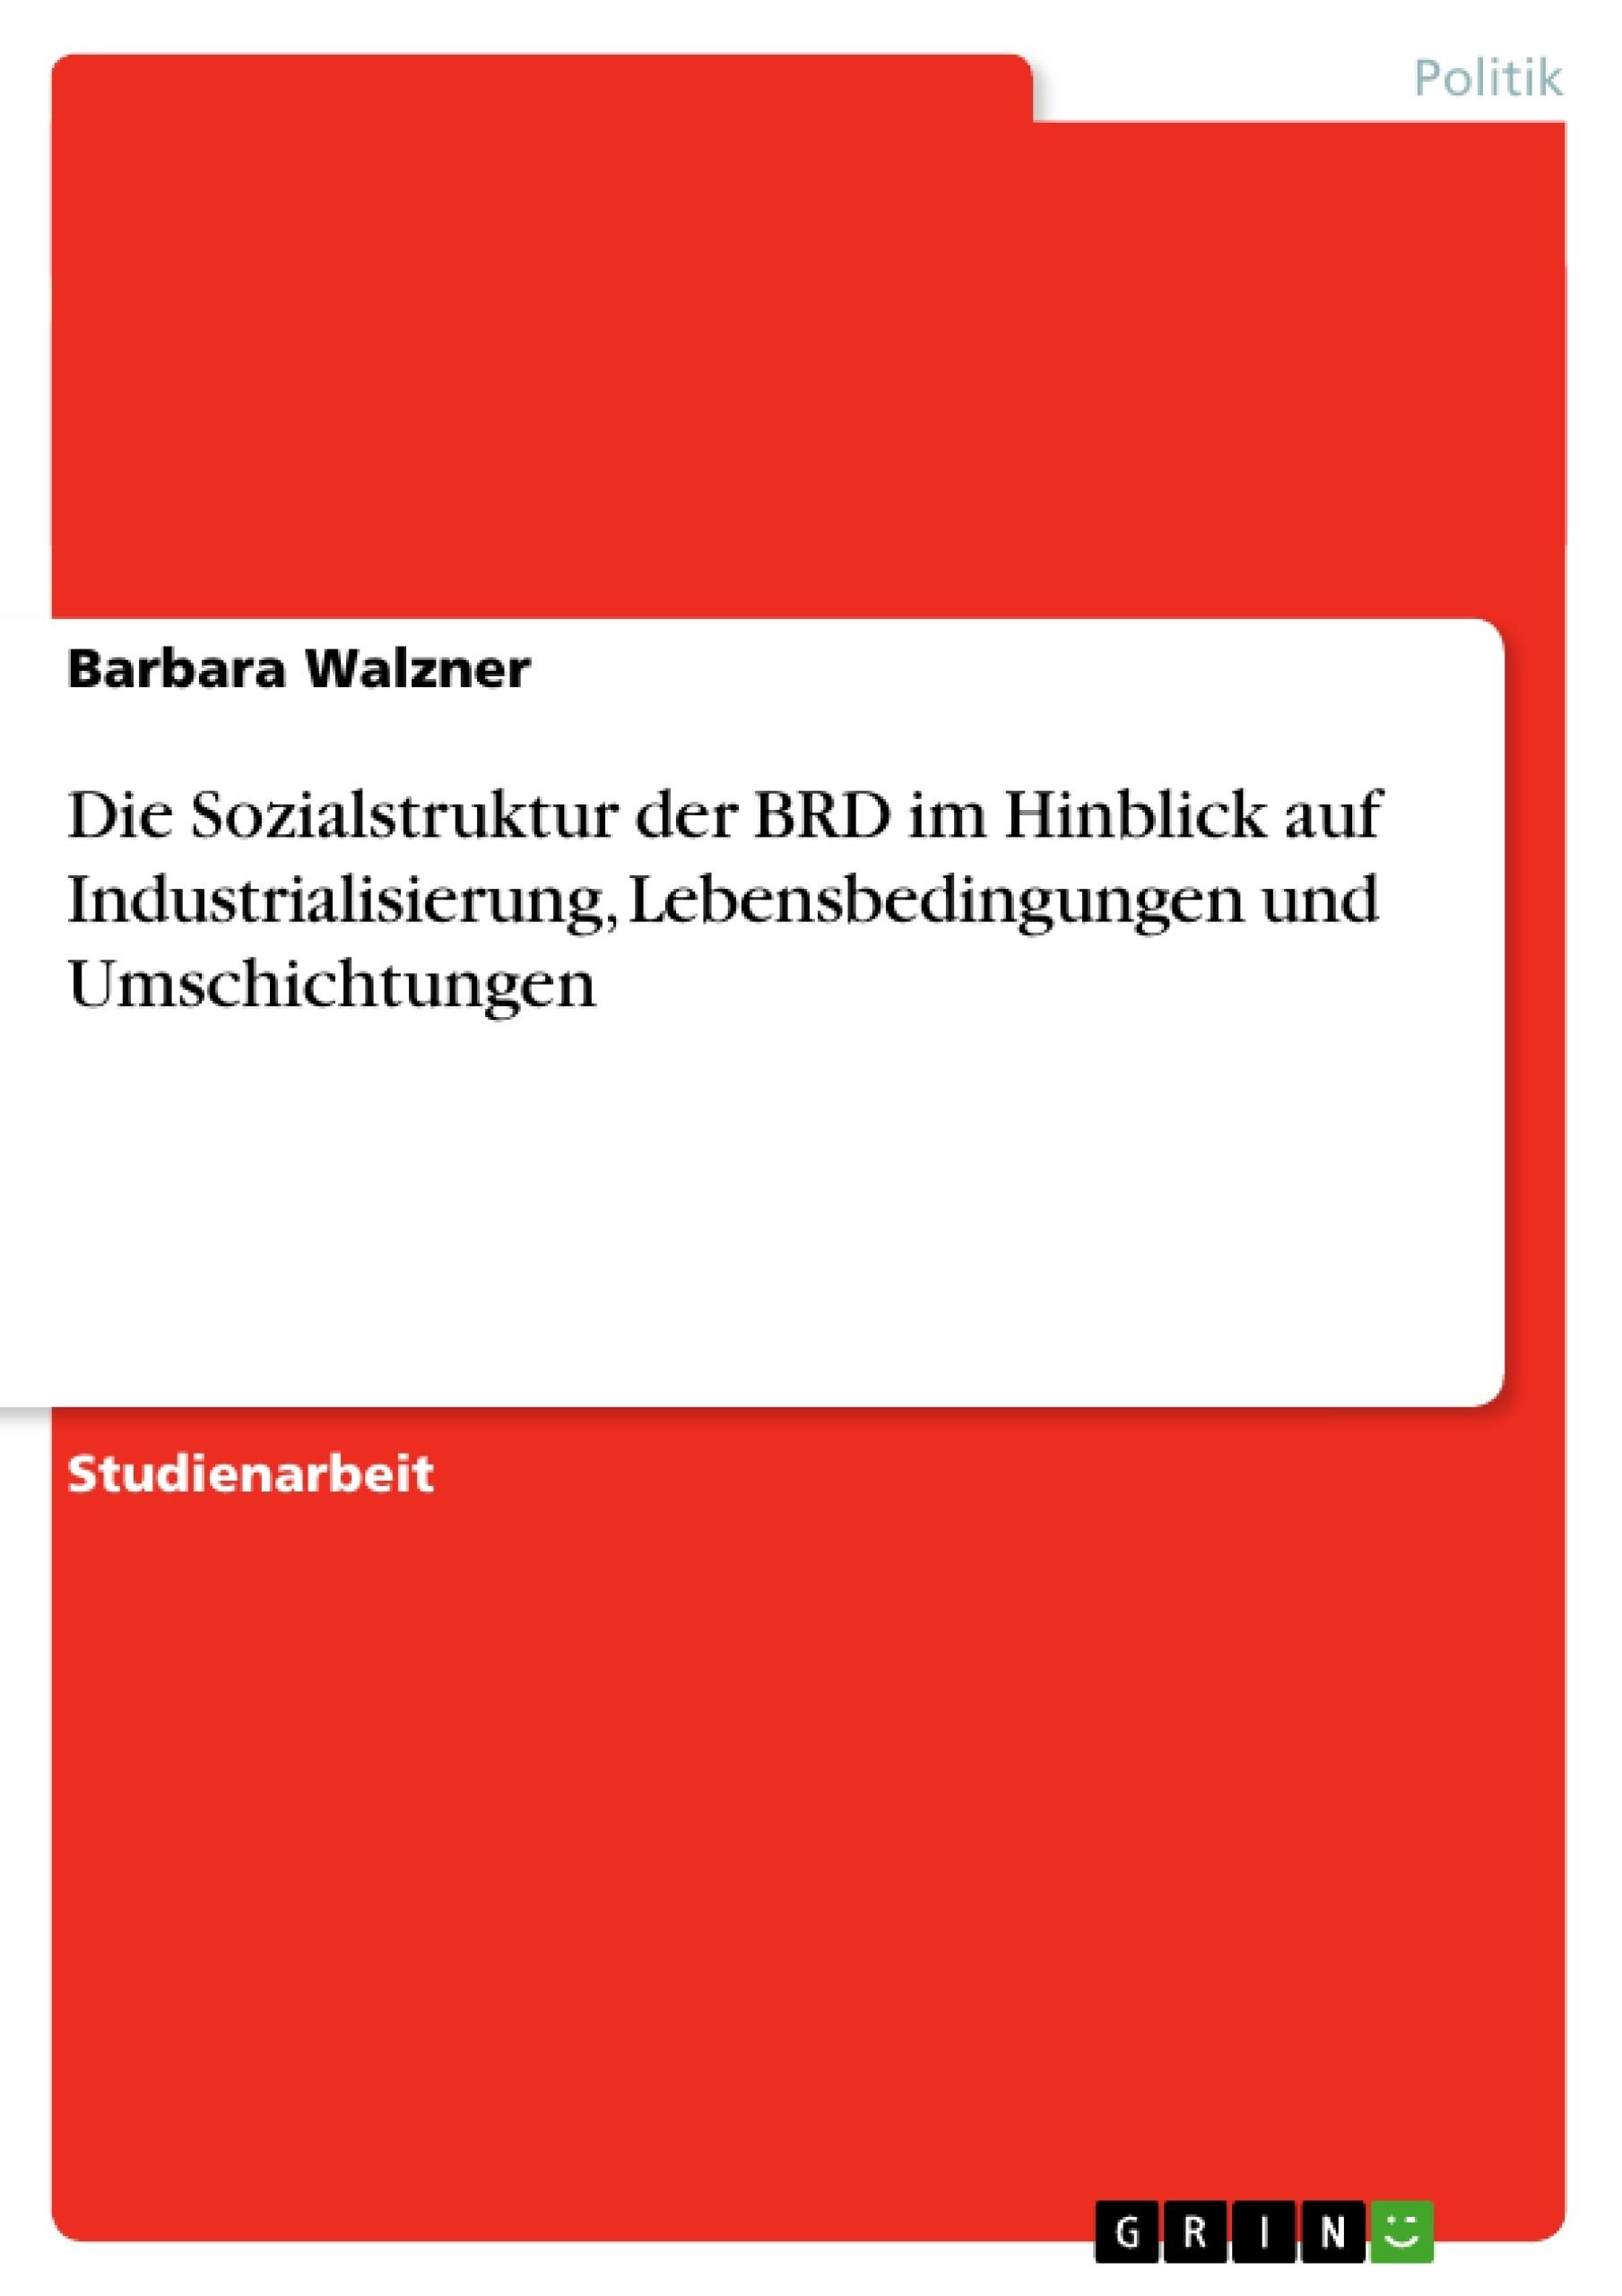 Titel: Die Sozialstruktur der BRD im Hinblick auf Industrialisierung, Lebensbedingungen und Umschichtungen